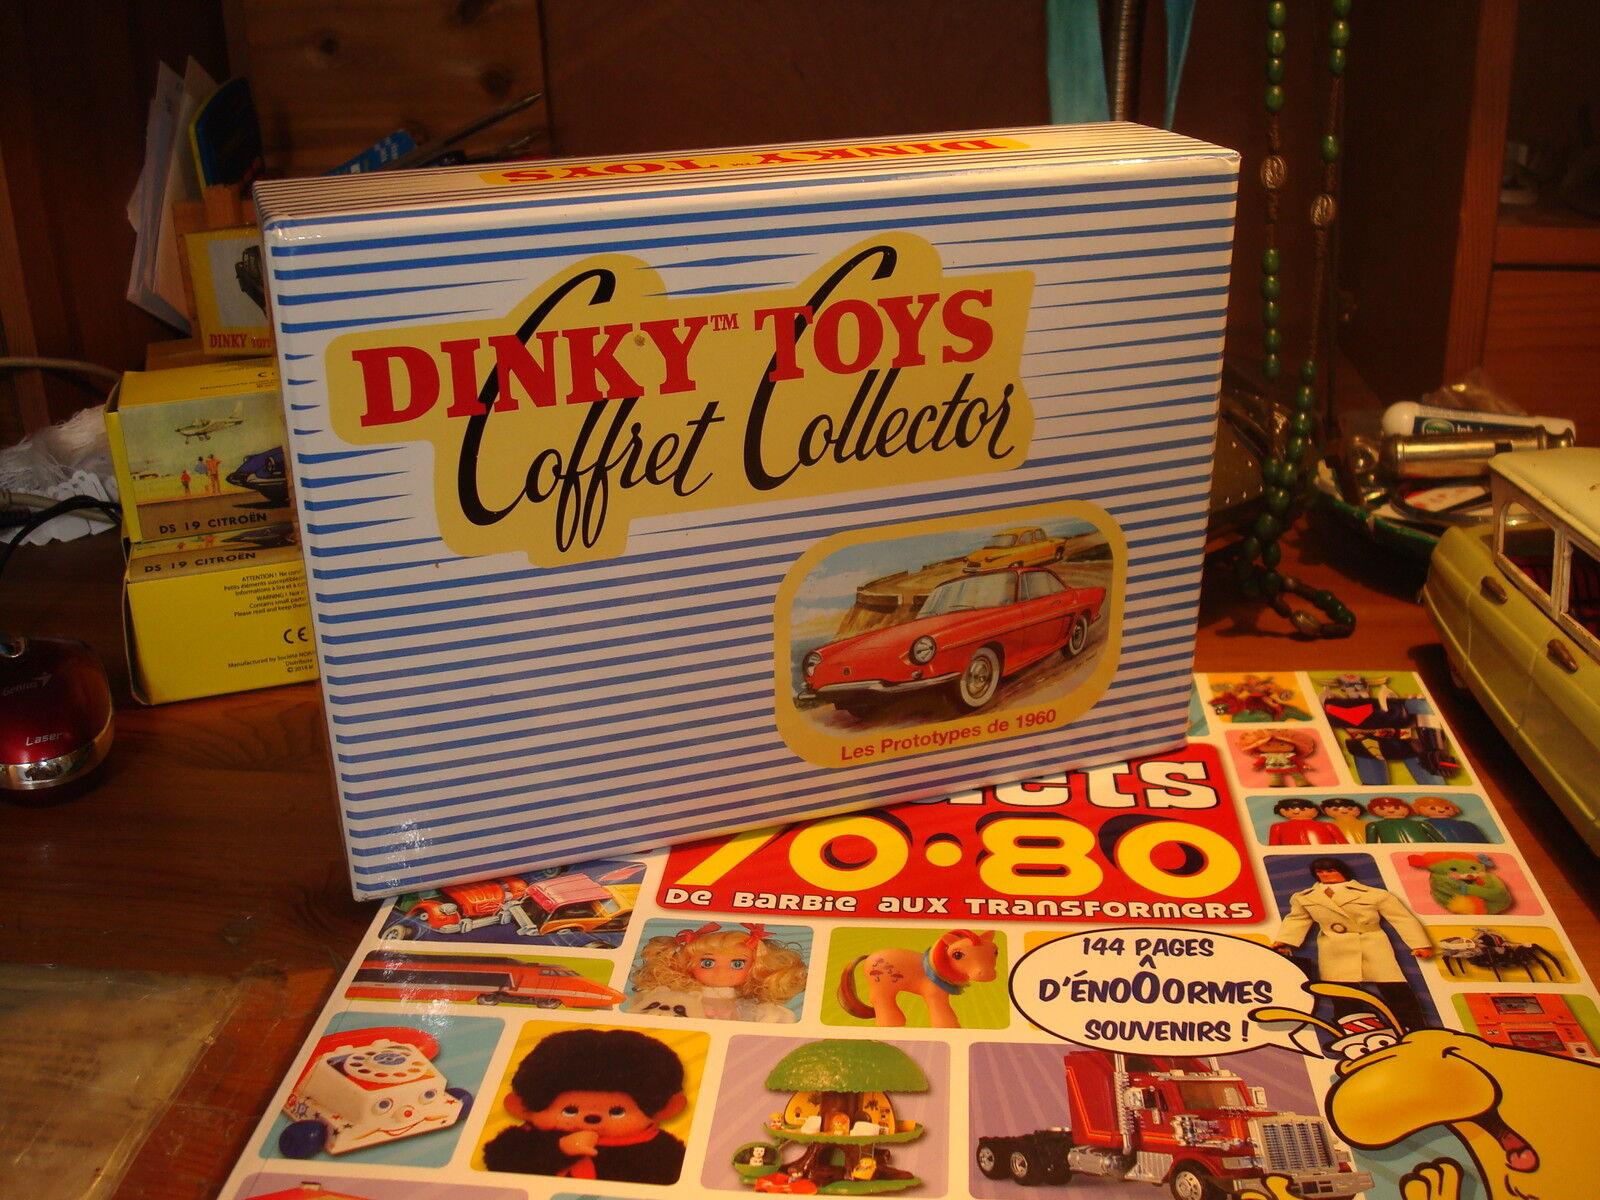 Dinky toys atlas coffret collector no. 500.60 predotypes 1960